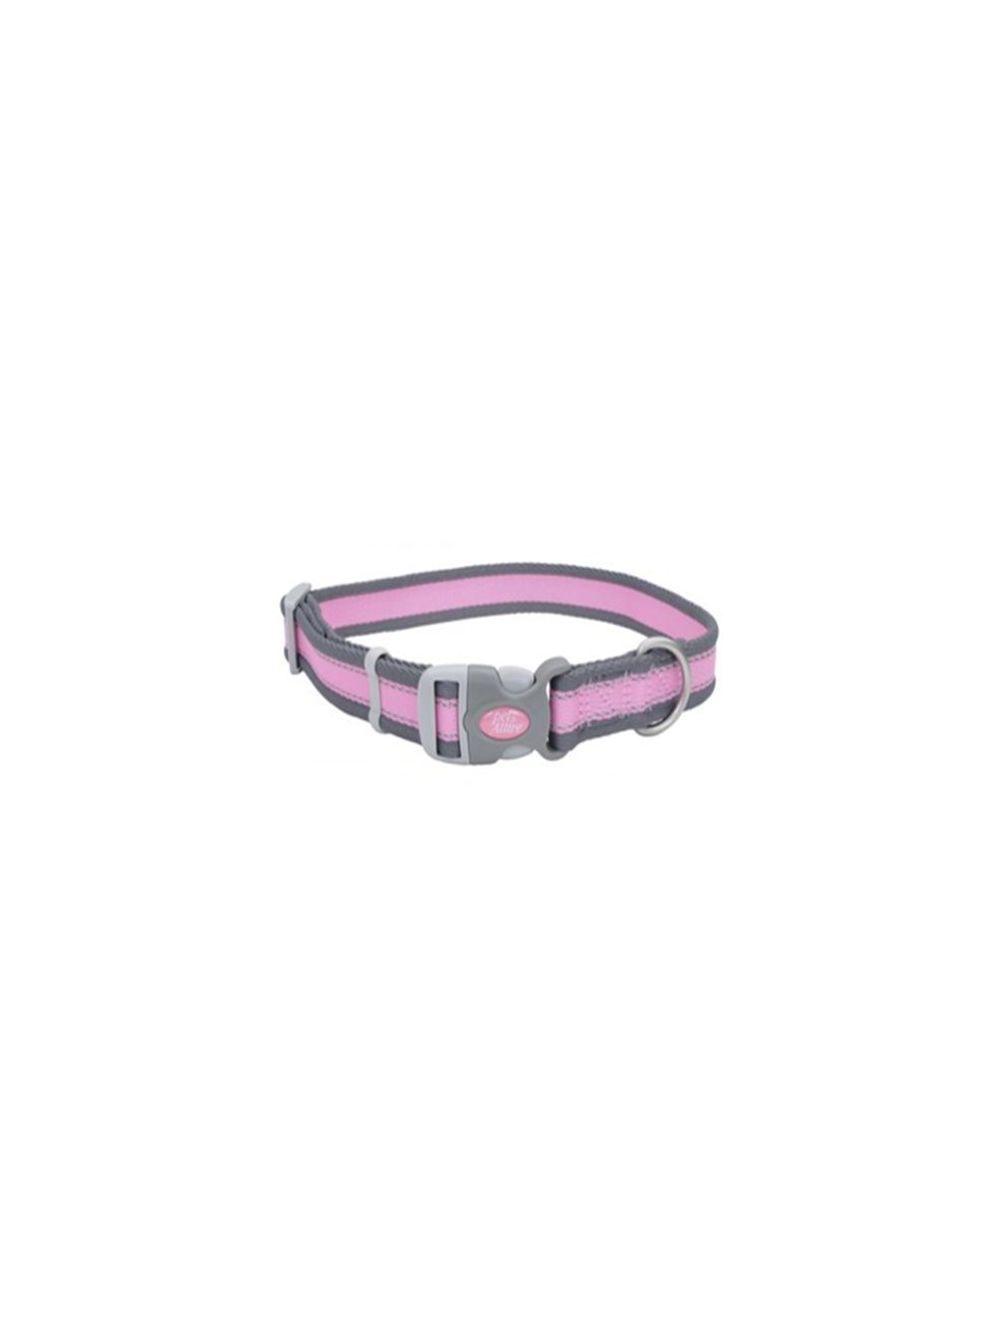 Collar Pro Rosado Con Gris Small 3/4